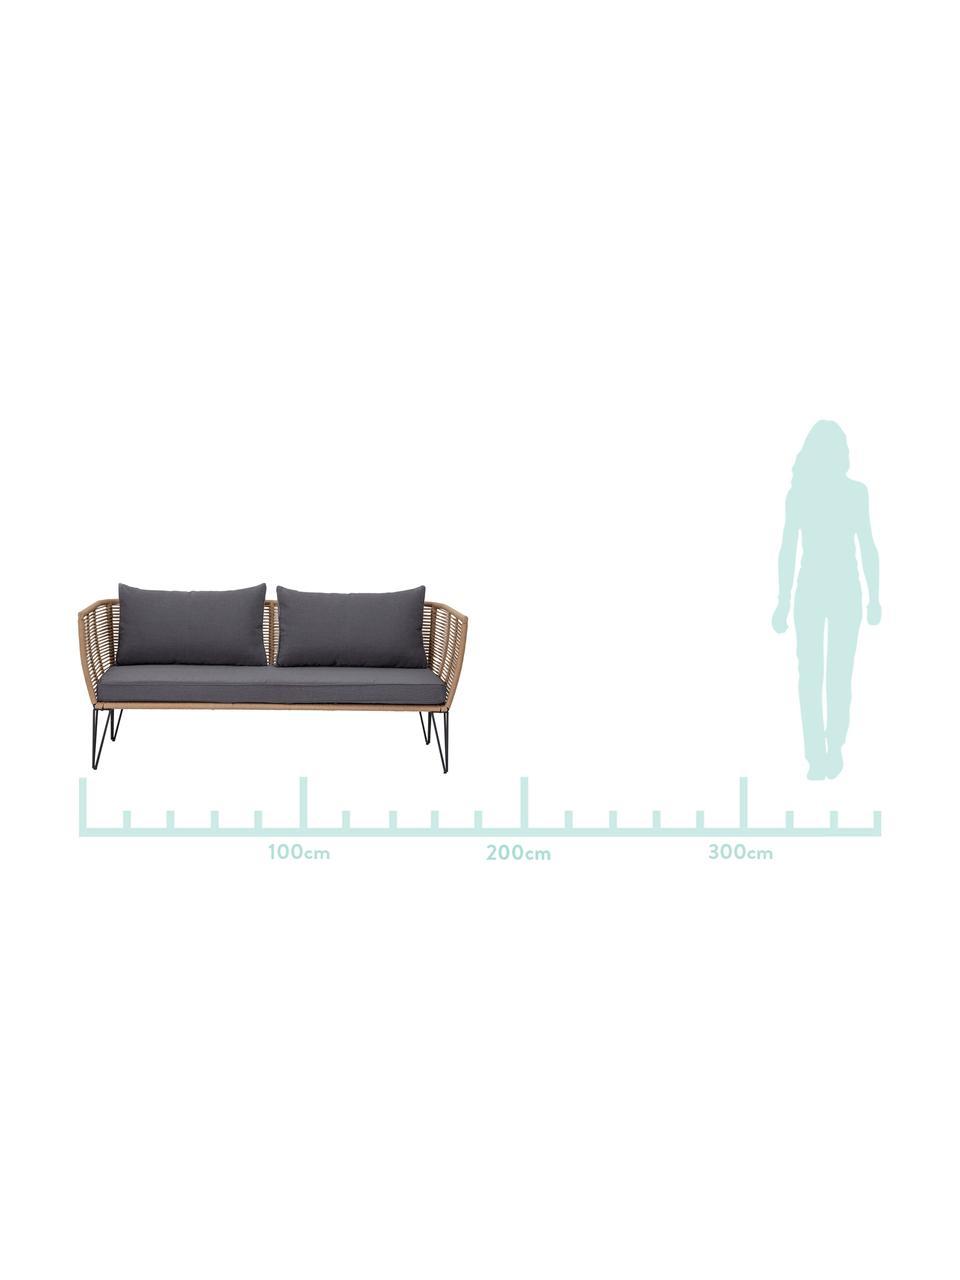 Tuin loungebank Mundo met kunststoffen vlechtwerk (2-zits), Frame: gepoedercoat metaal, Zitvlak: polyethyleen, Bekleding: polyester, Bruin, B 175  x D 74 cm